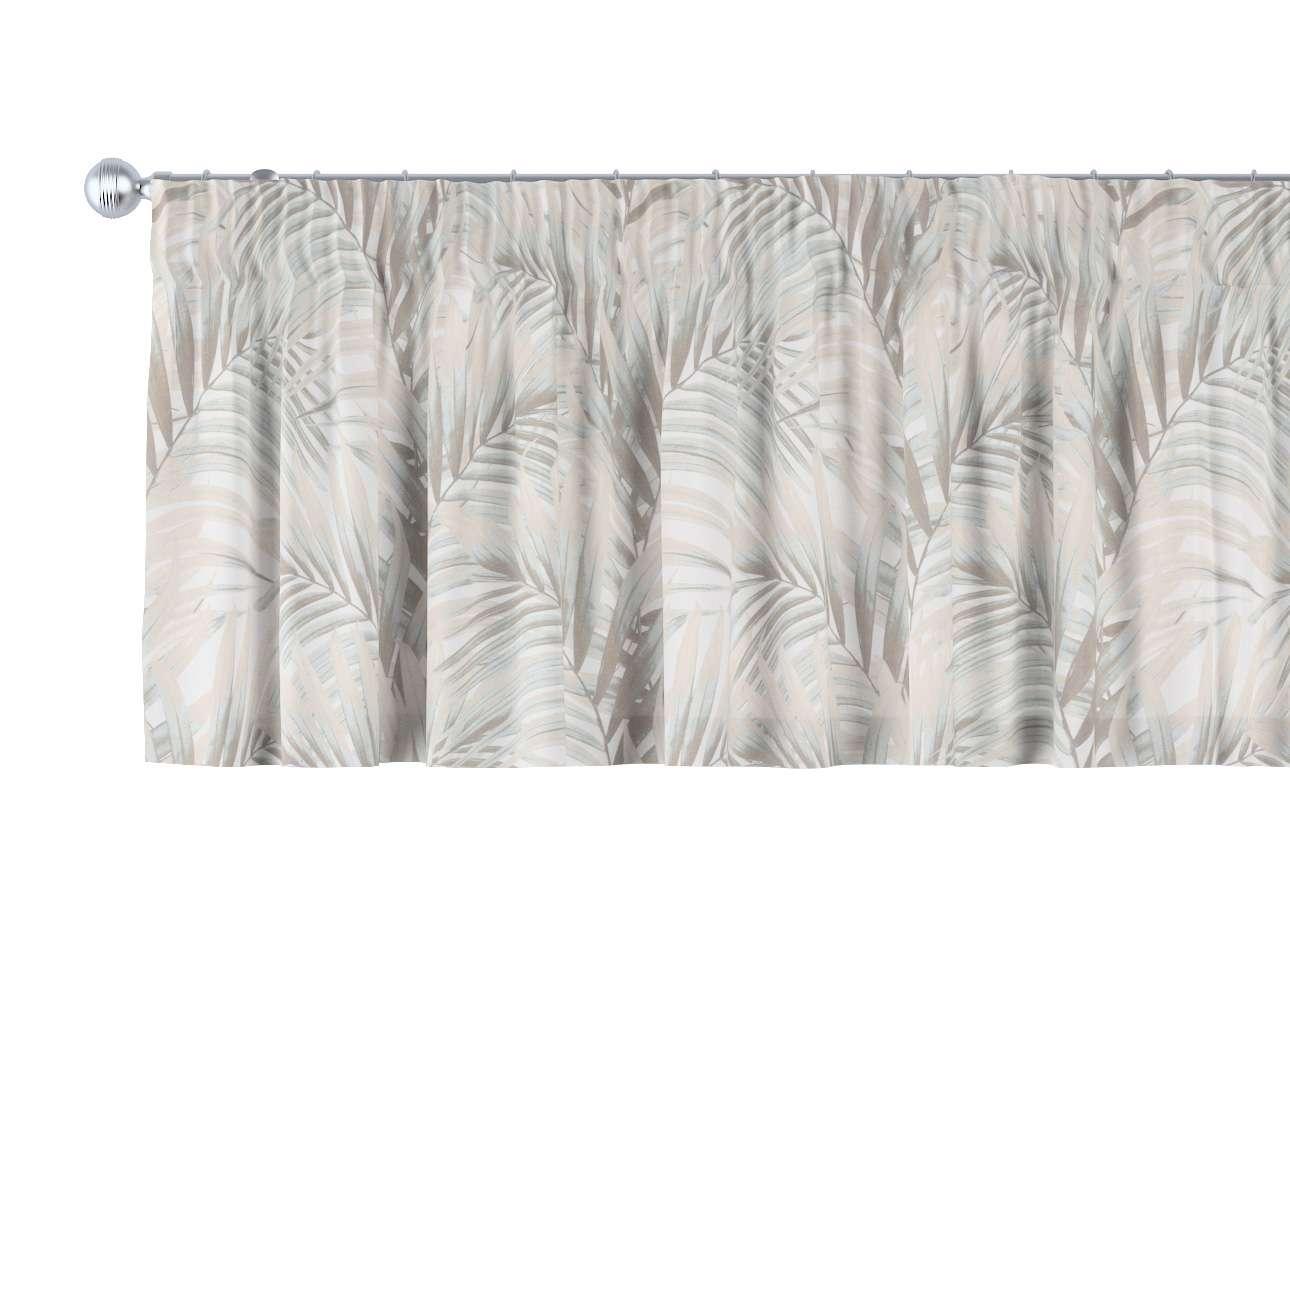 Lambrekin na taśmie marszczącej w kolekcji Gardenia, tkanina: 142-14